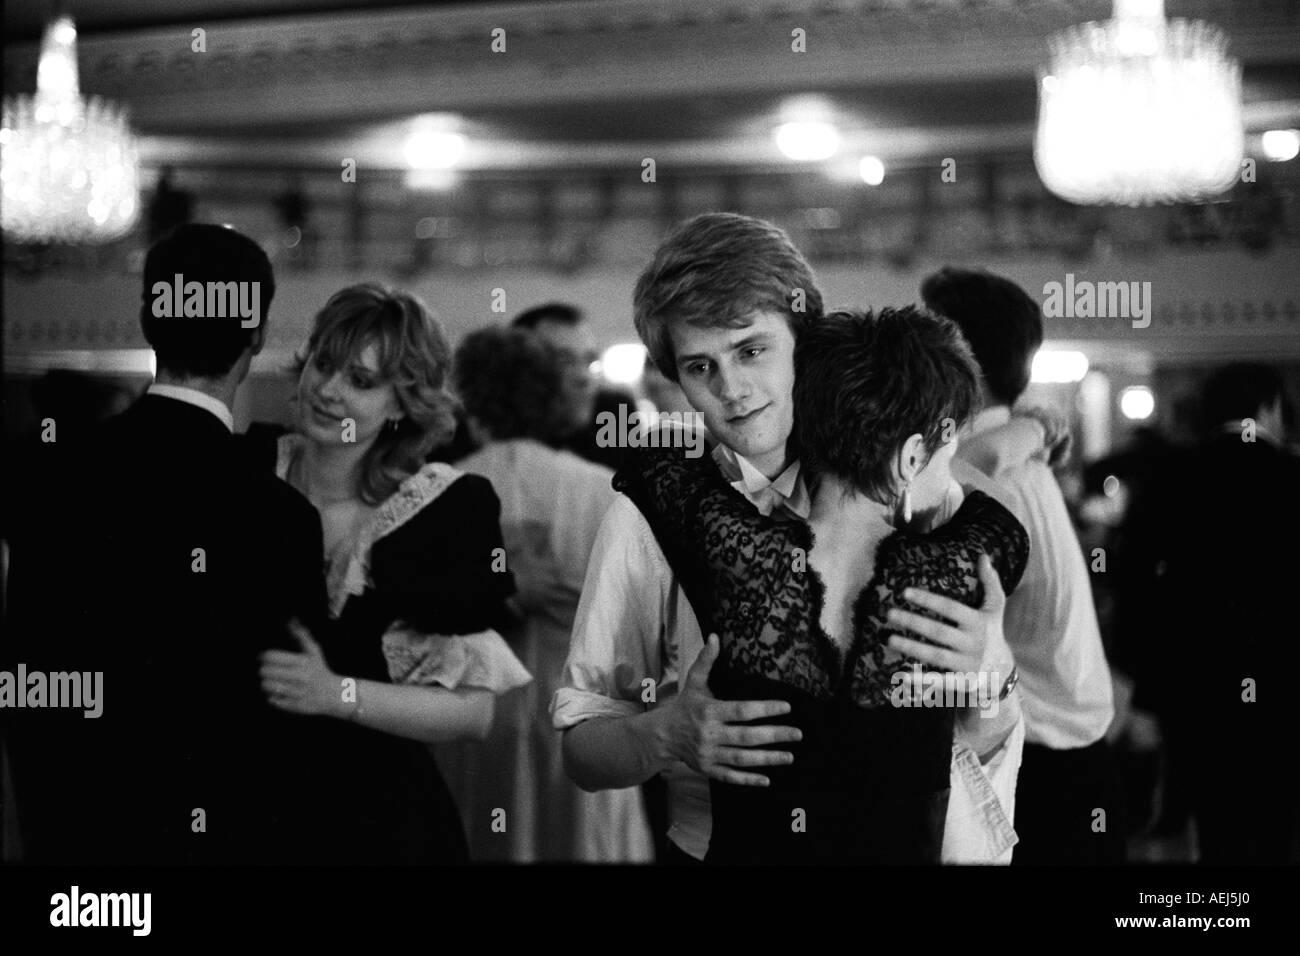 Rose Ball Grosvenor House Hotel, Park Lane, London England 1982.  HOMER SYKES Stockbild